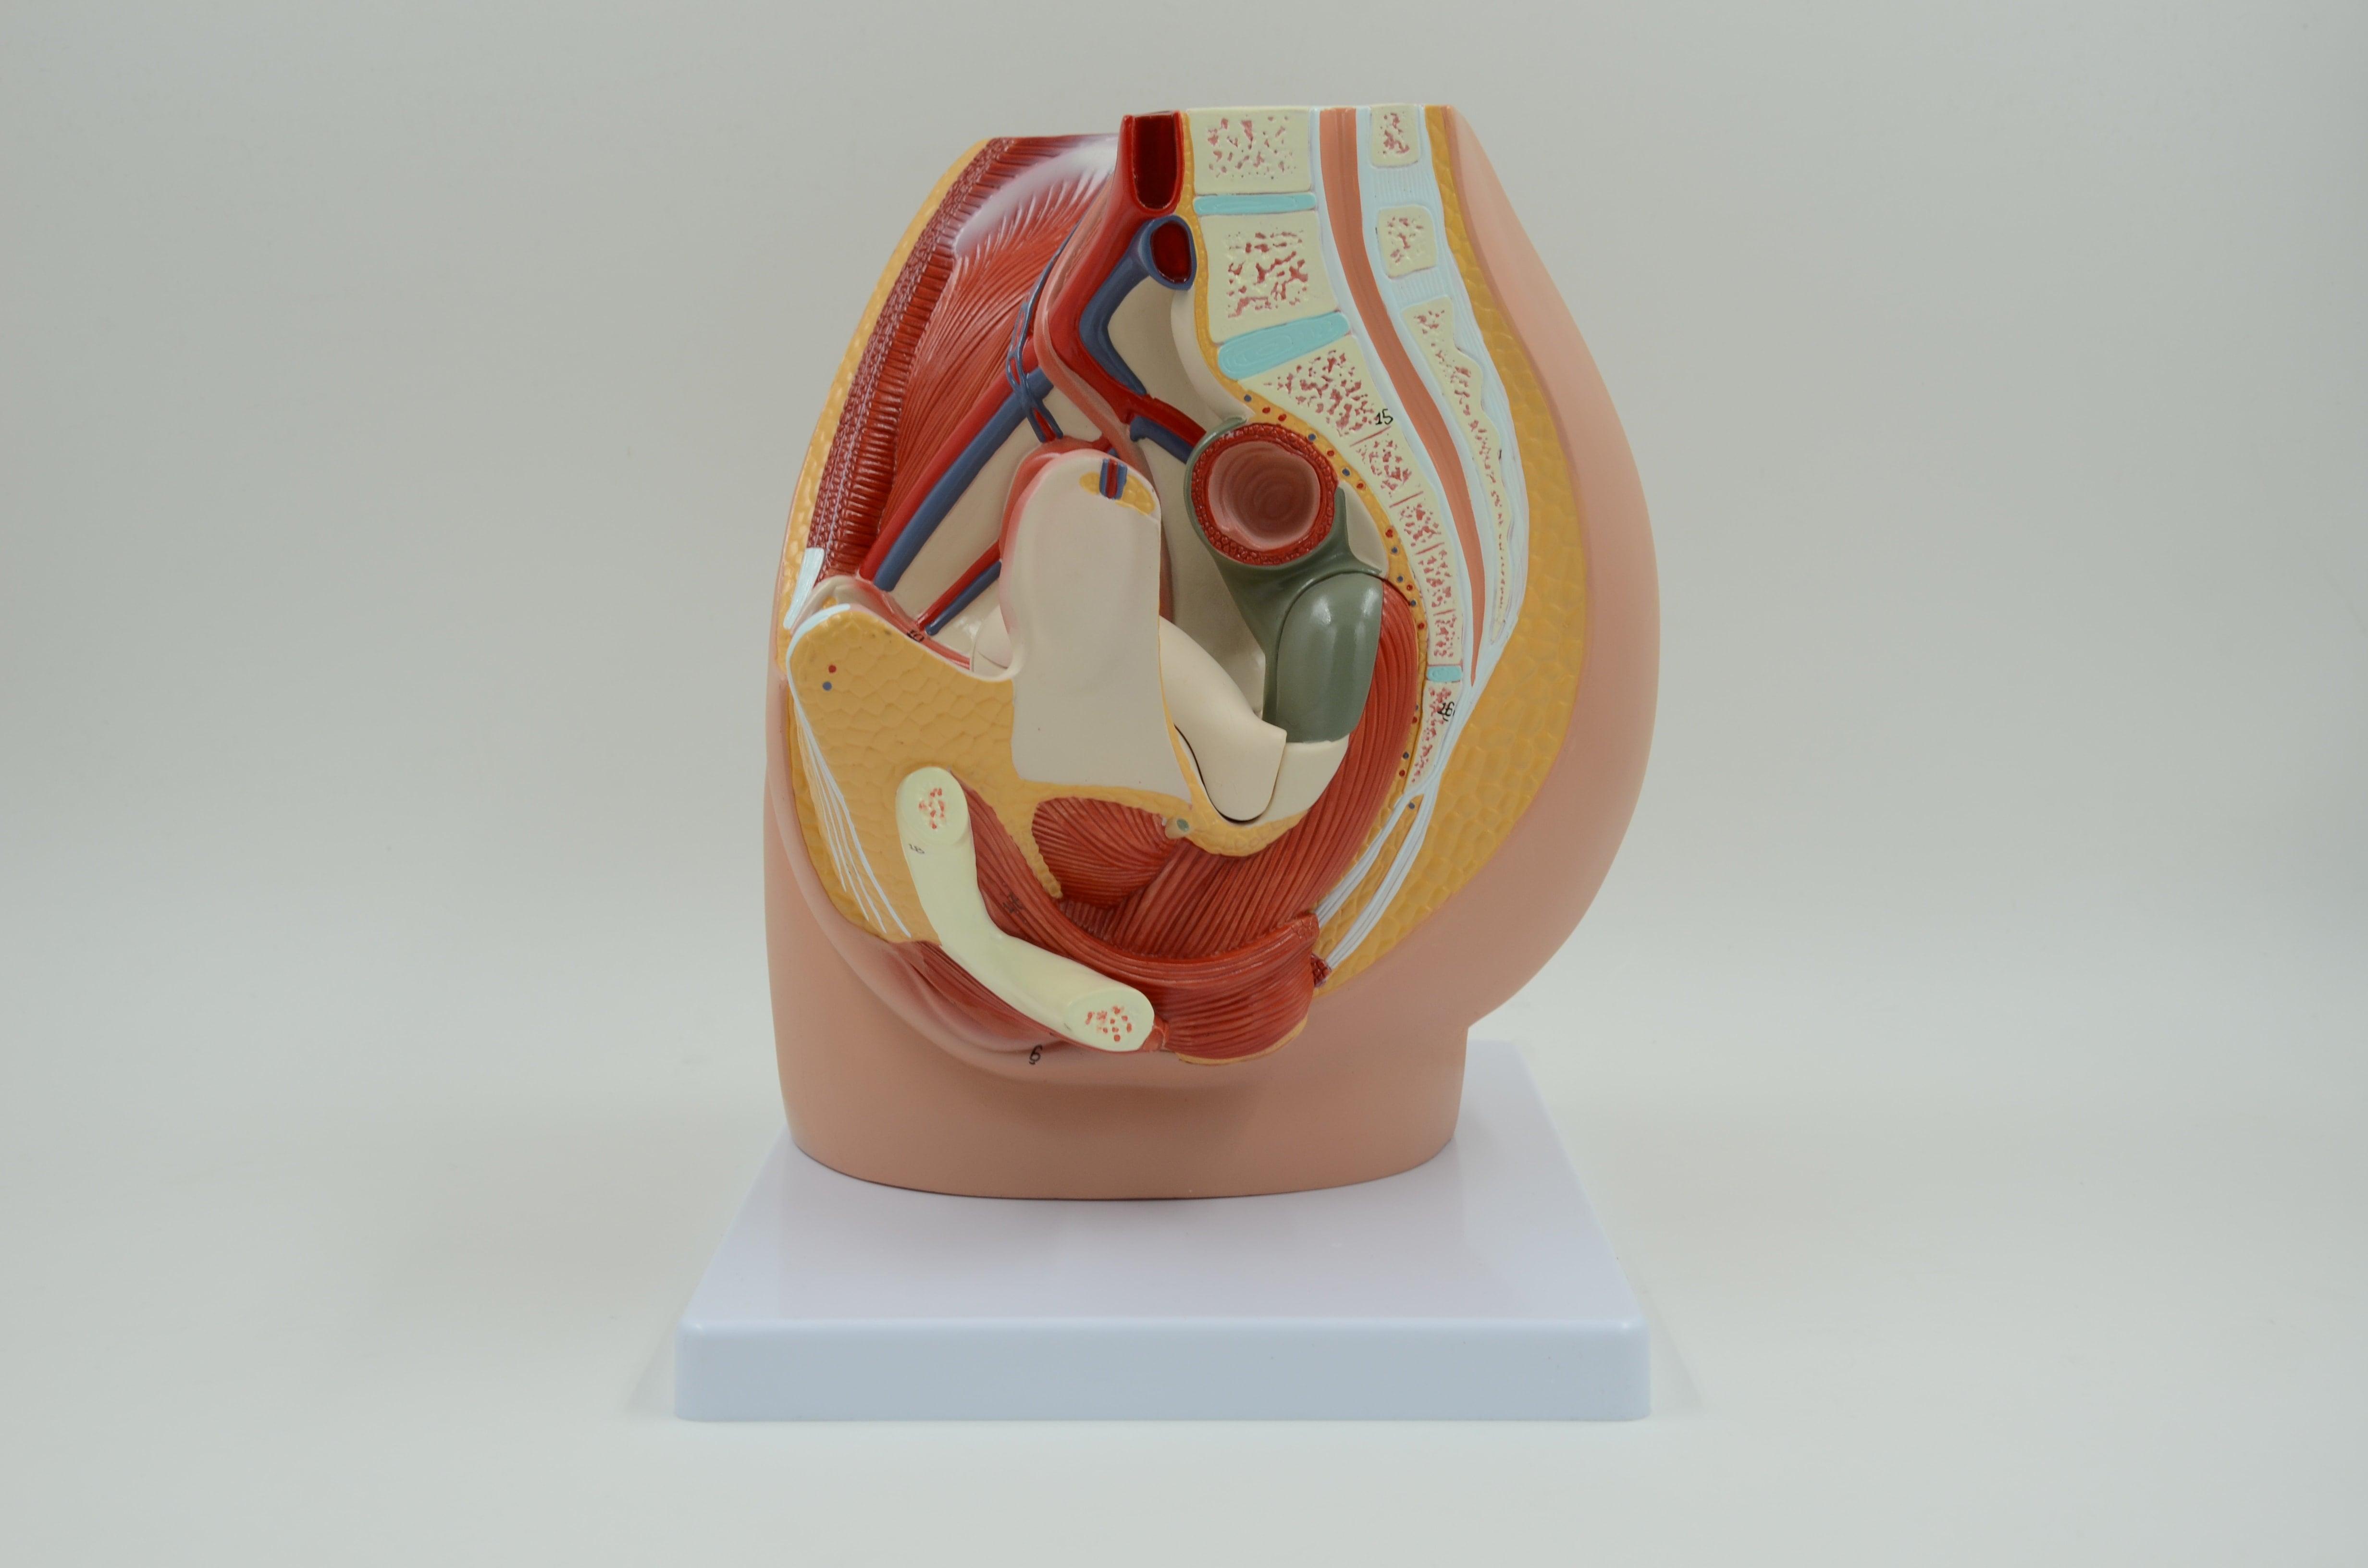 אגן נשי - דגם אנטומי תלת מימדי